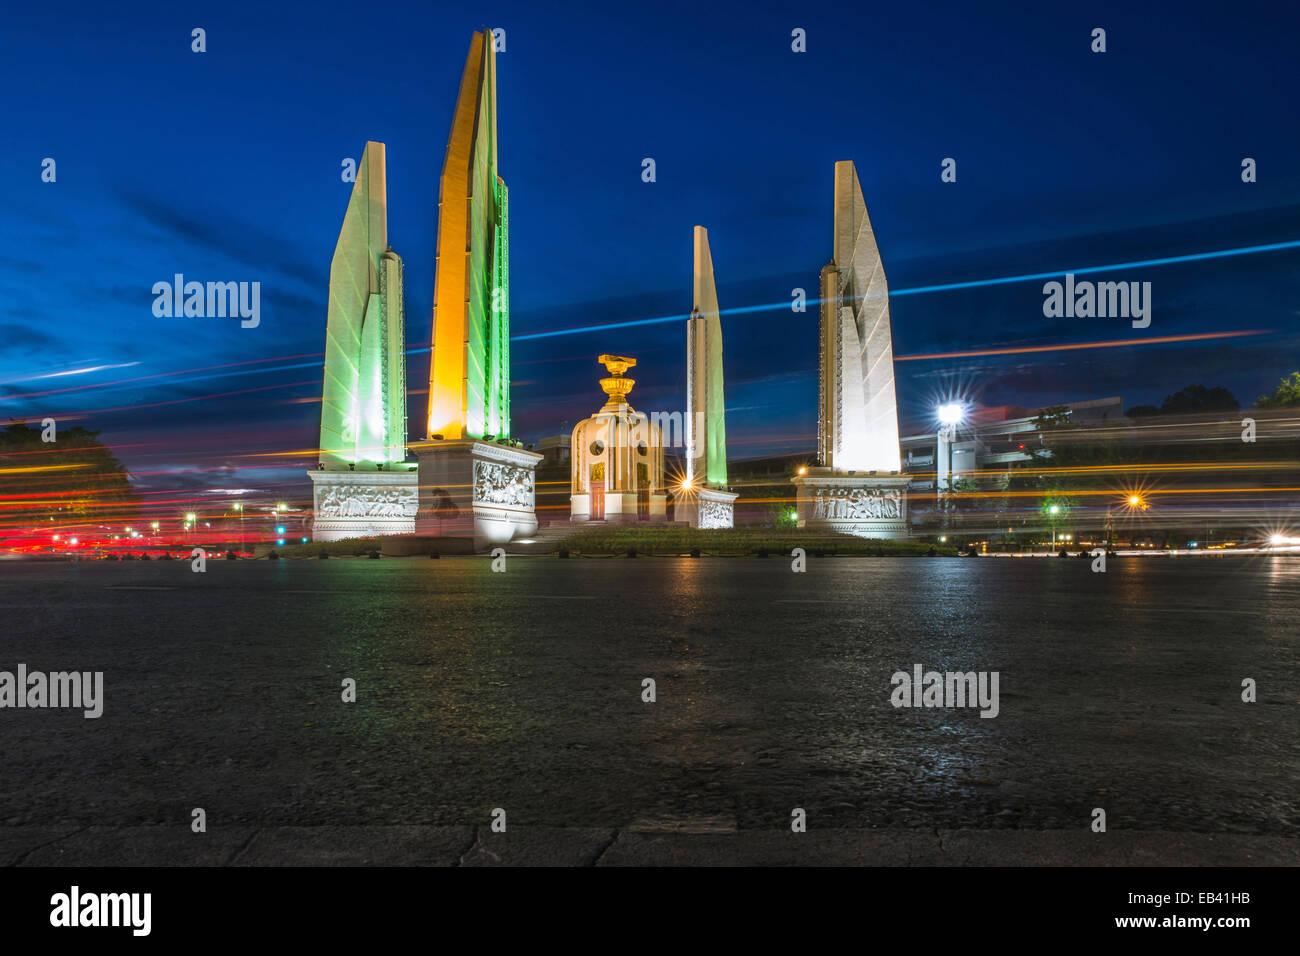 Le monument de la démocratie à Bangkok, Thaïlande Photo Stock